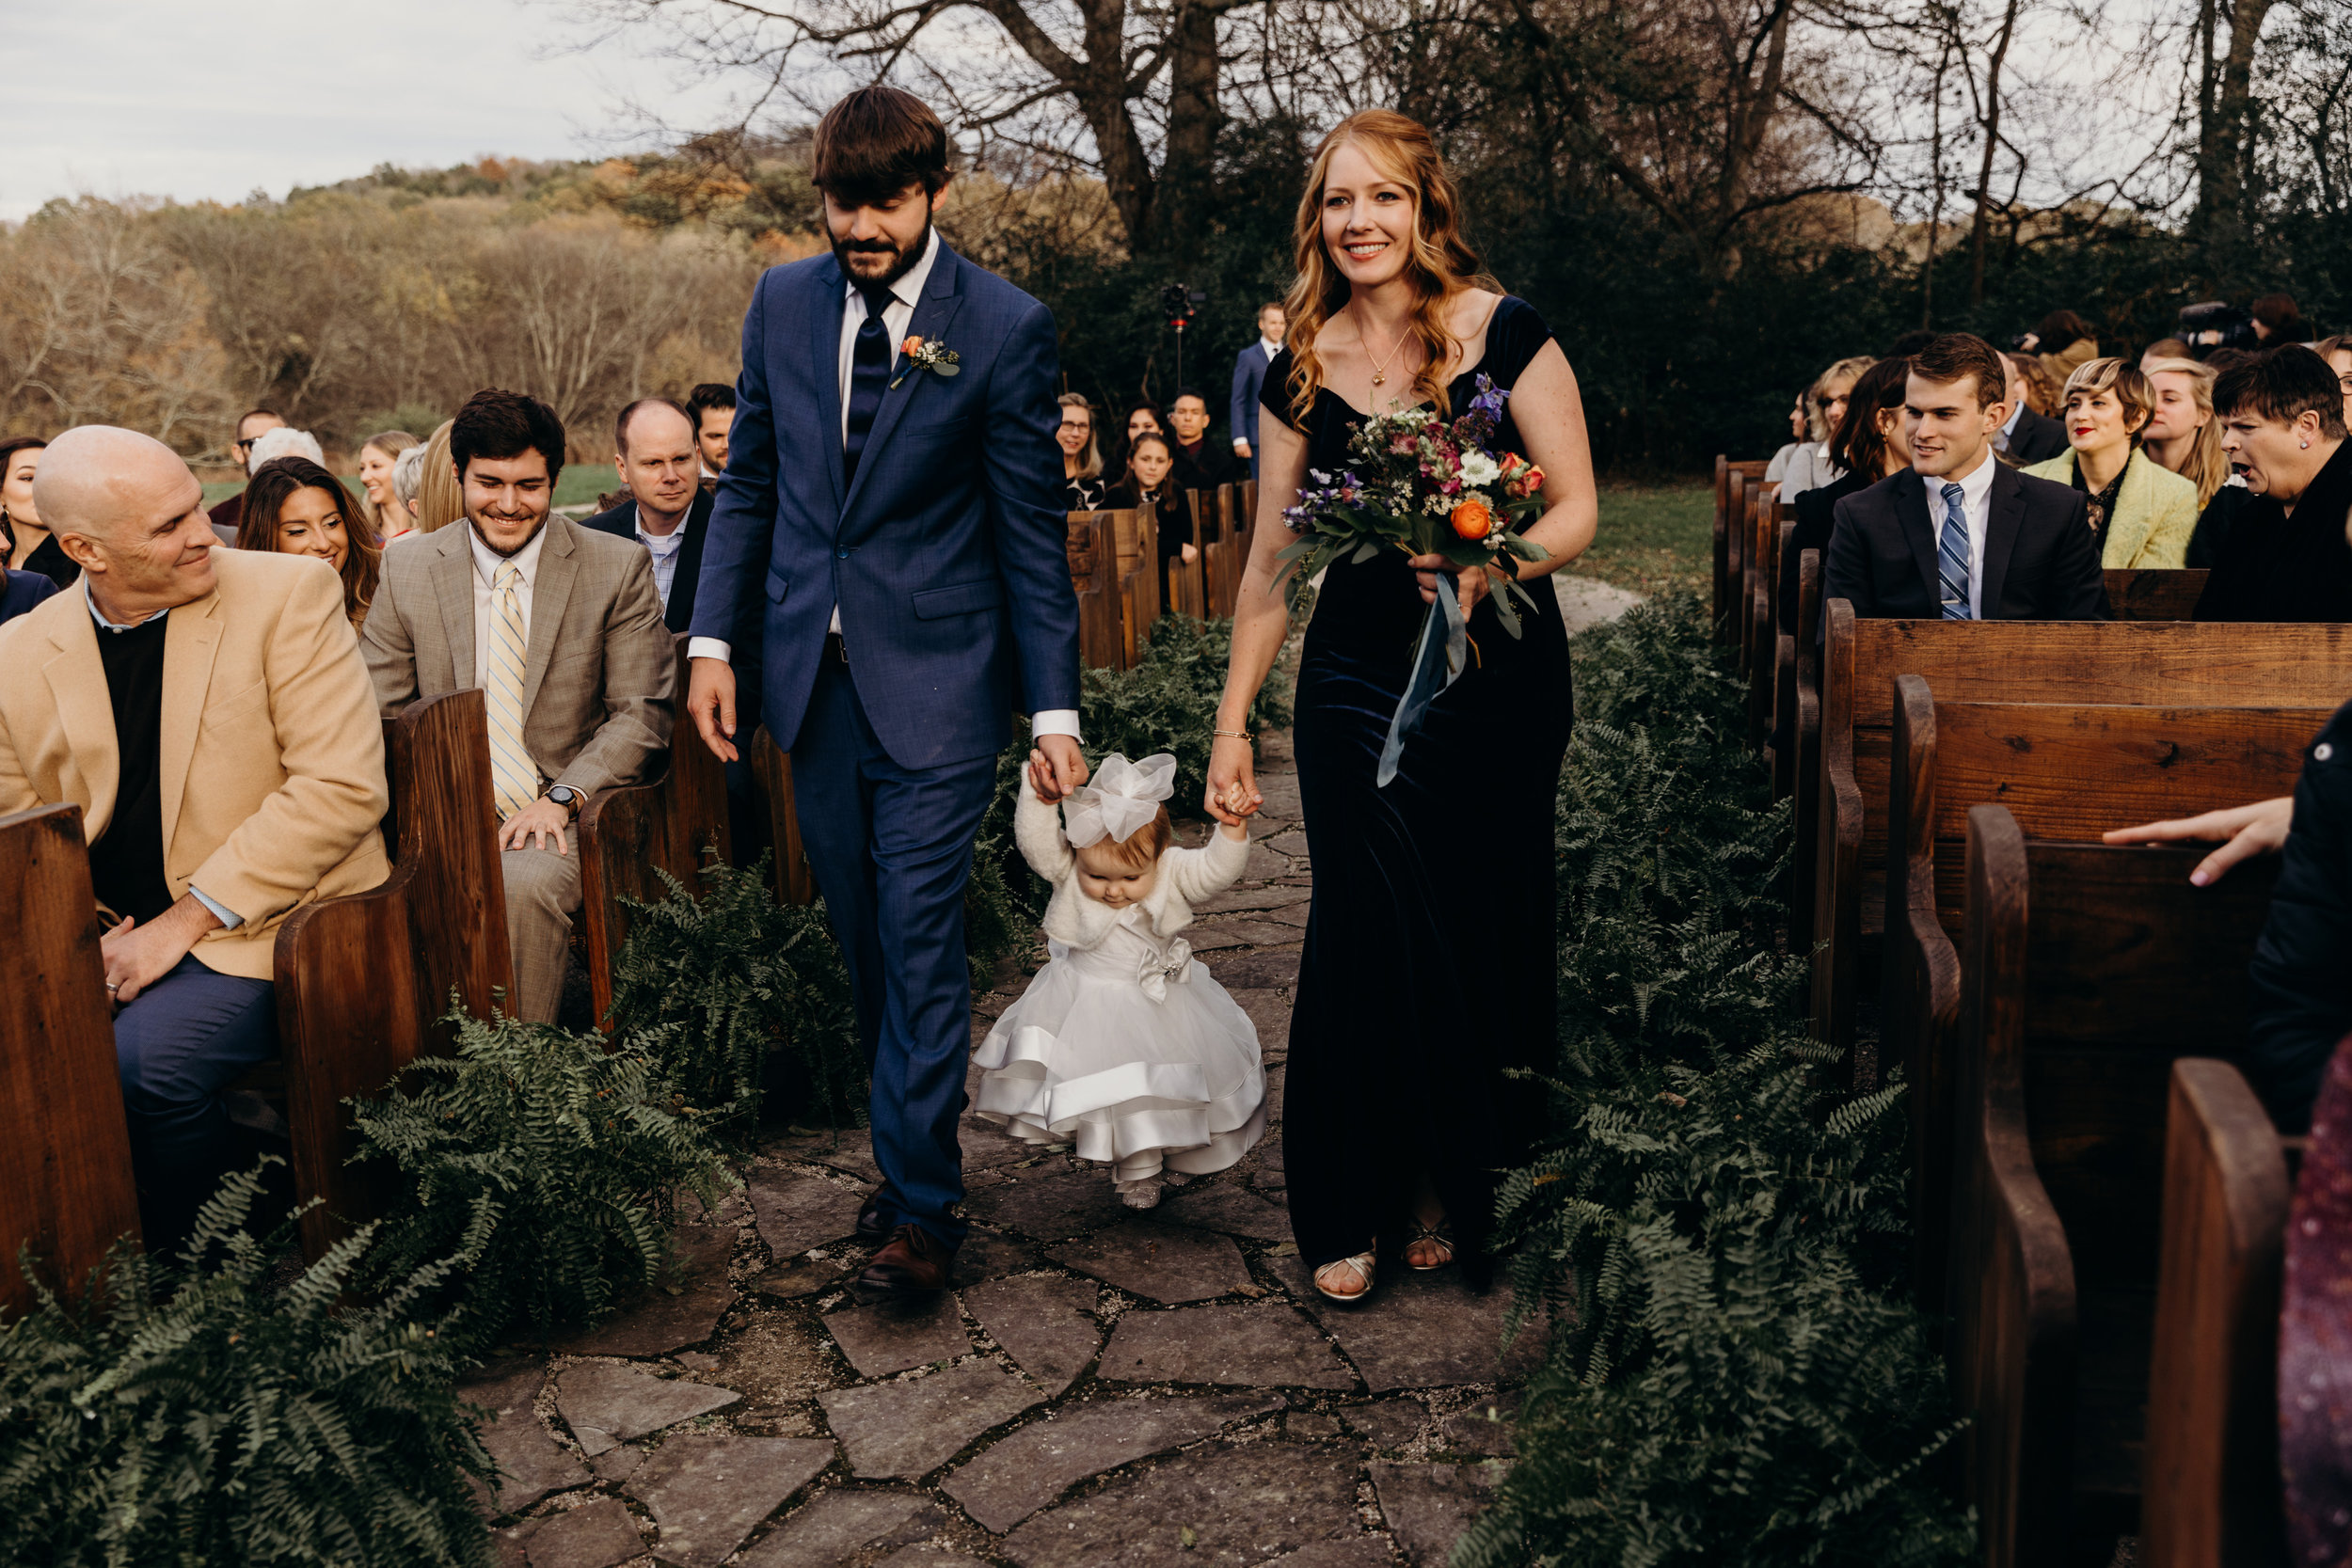 448-ltw-morgan-adam-wedding.jpg